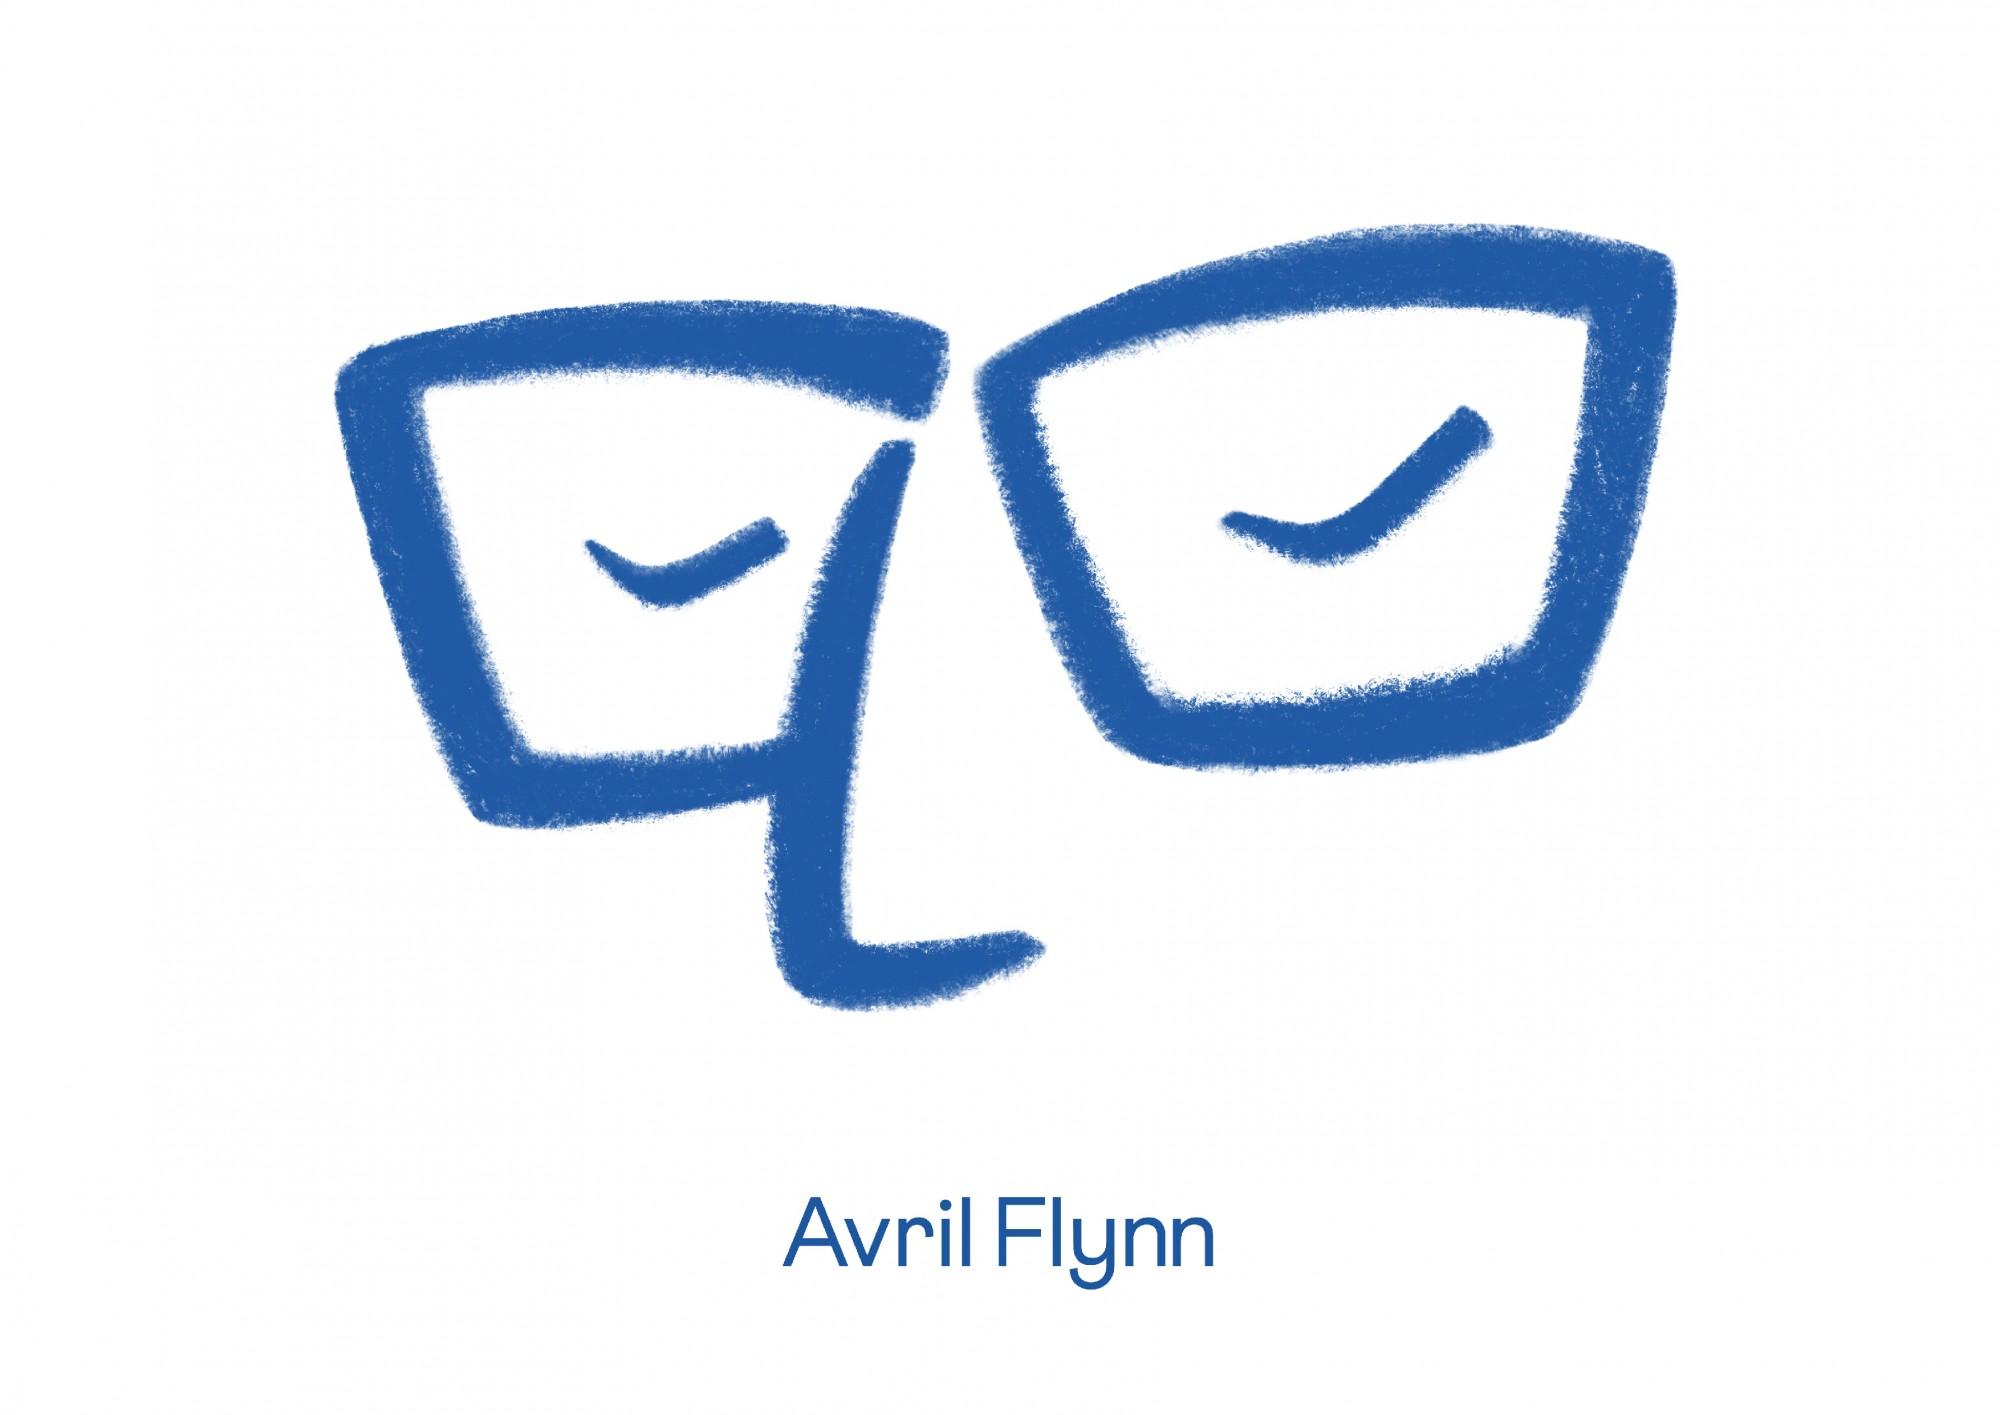 Cover image: Avril Flynn